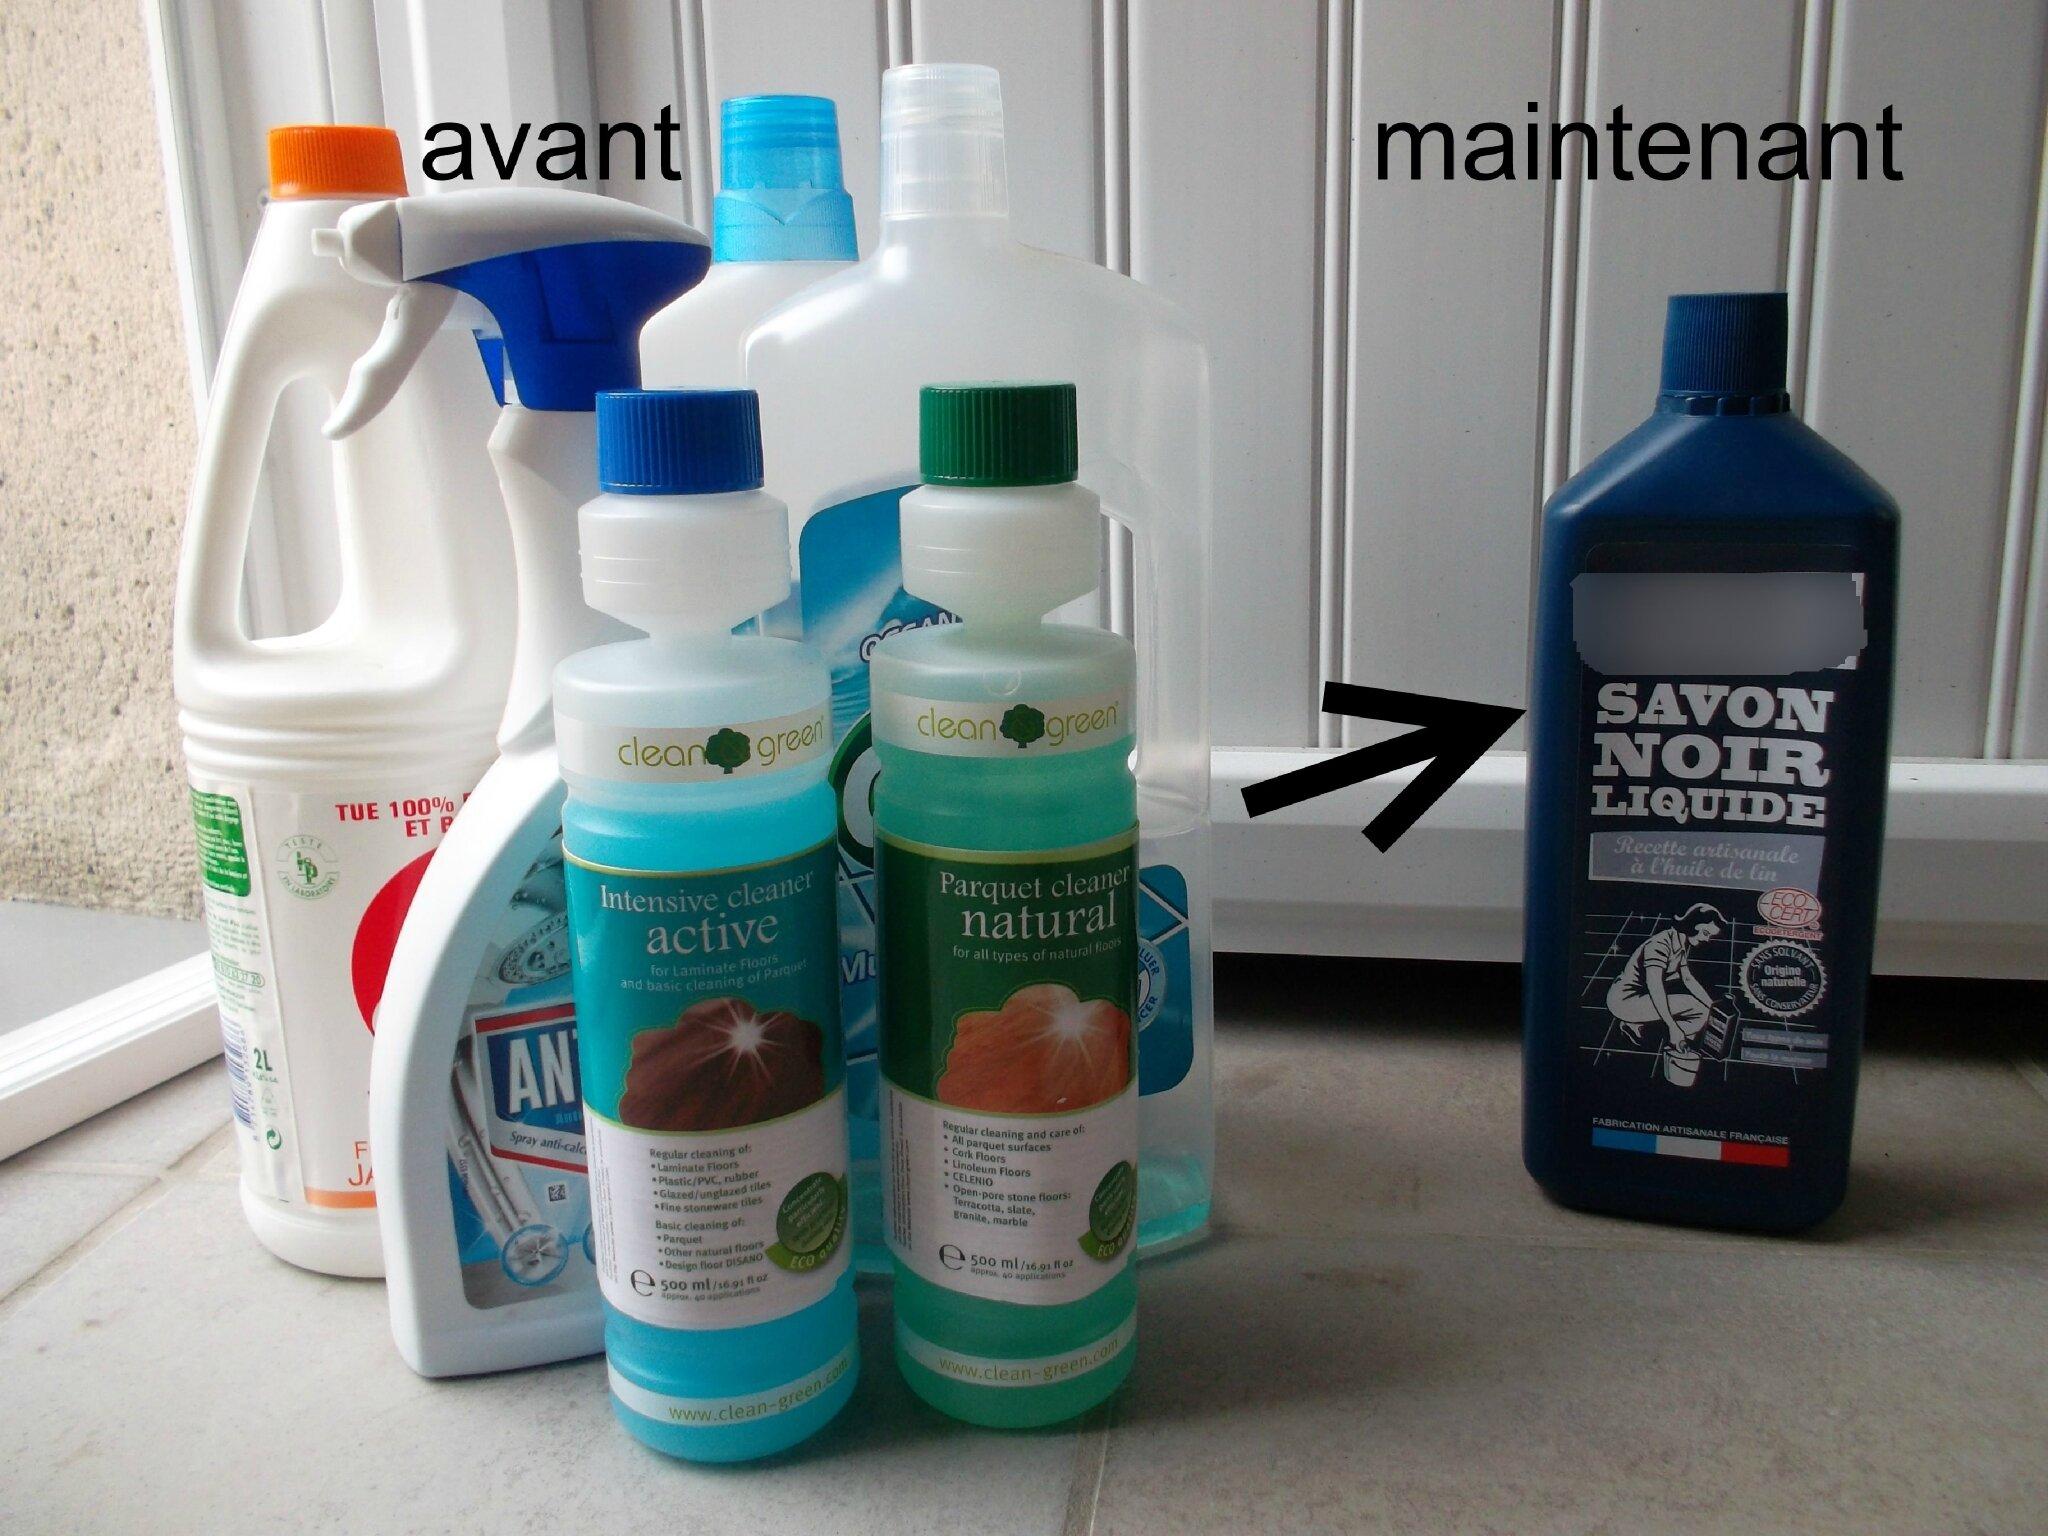 Colo sans blague c 39 est lamag - Insecticide savon noir bicarbonate ...